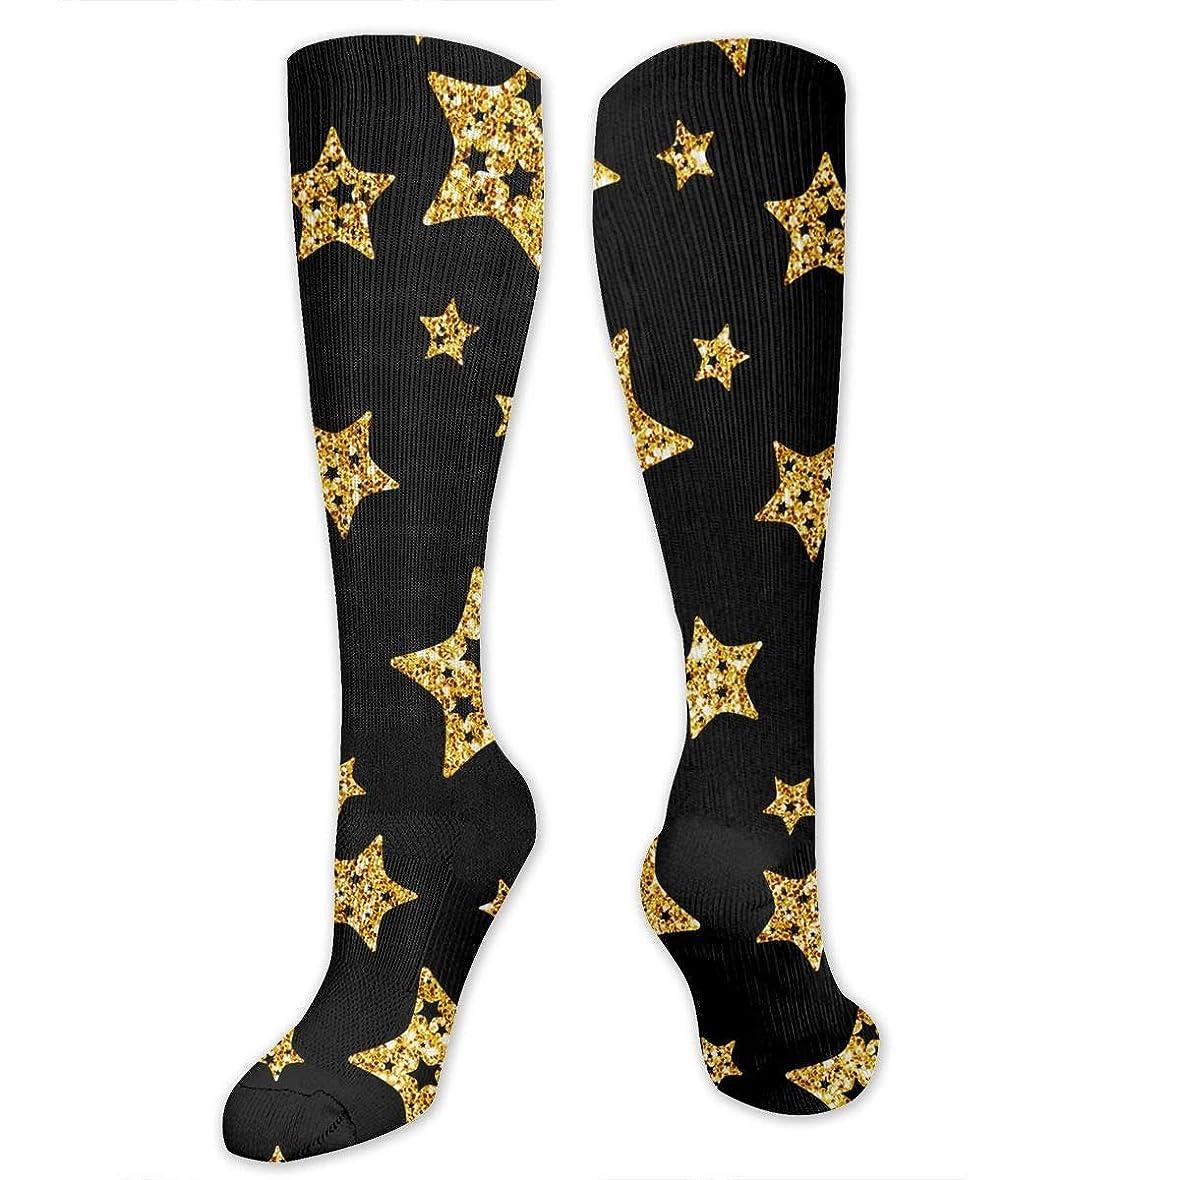 咳開拓者器具qrriy黒と金の星- 3 D抗菌アスレチックソックス圧縮靴下クルーソックスロングスポーツ膝ハイソックス少年少女キッズ幼児